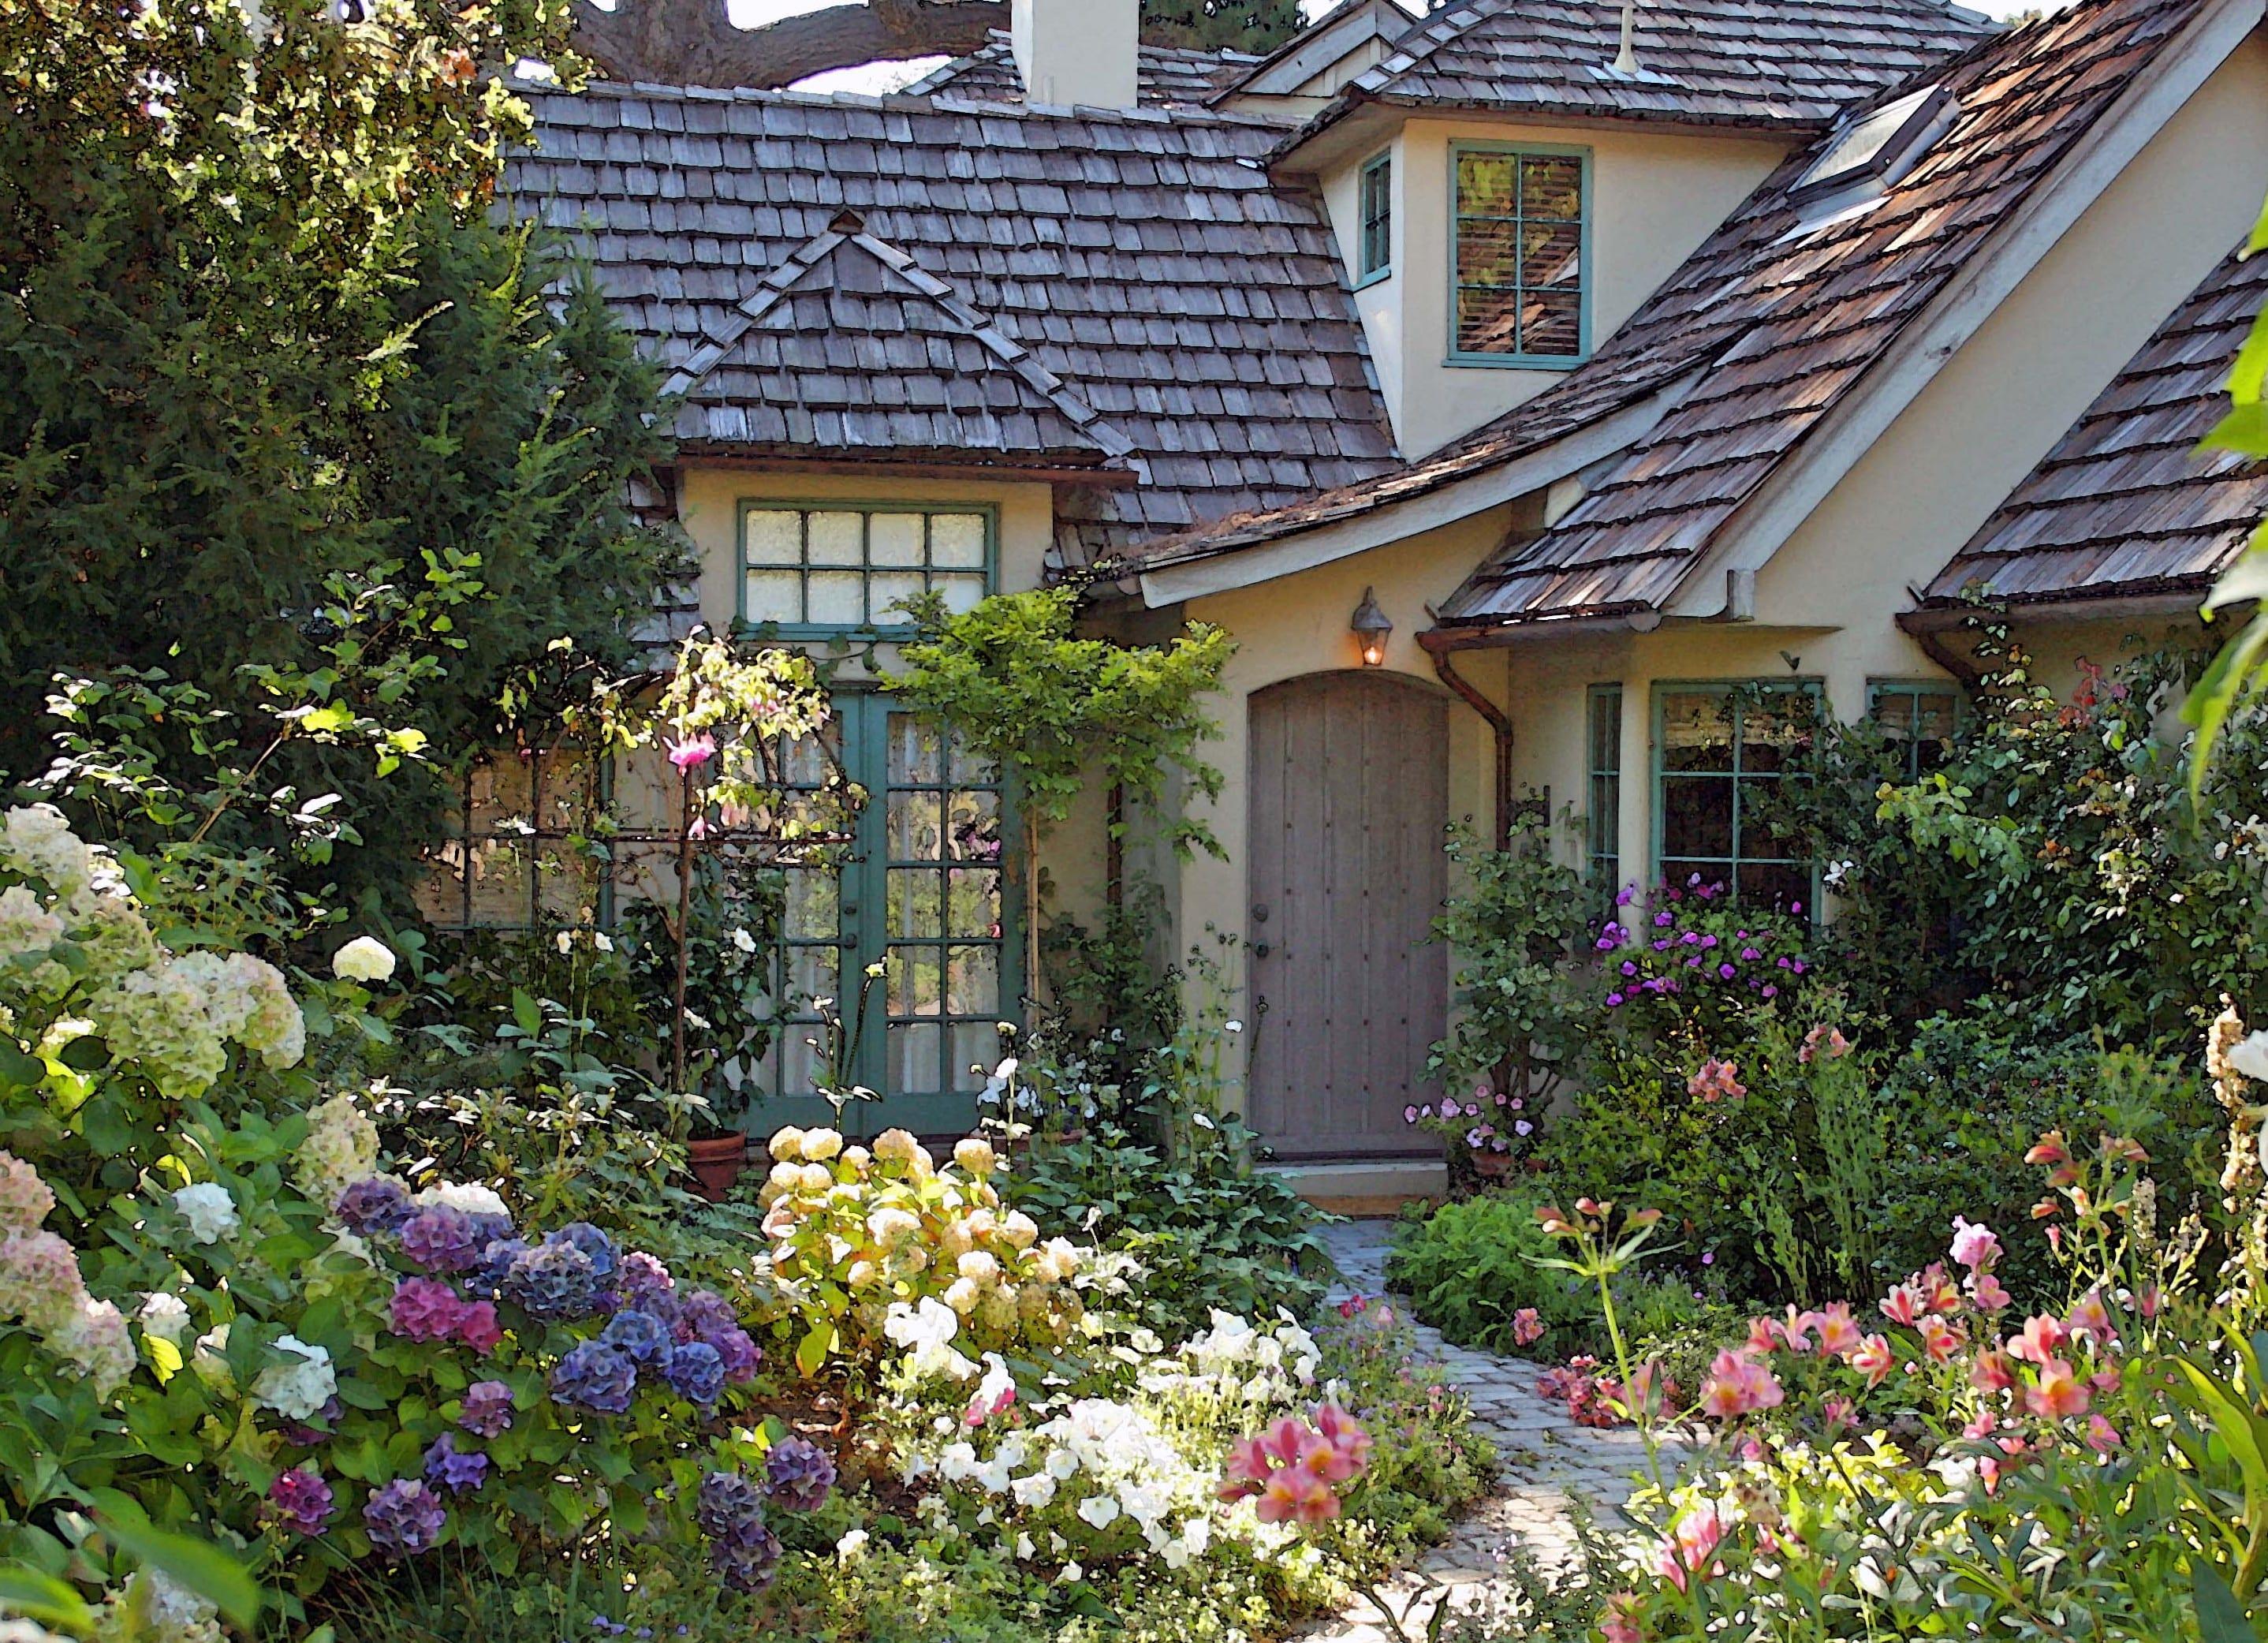 Wundervoll Gartengestaltung Mit Bauerngartenblumen Für Fantastischer Cottage Garden  Design